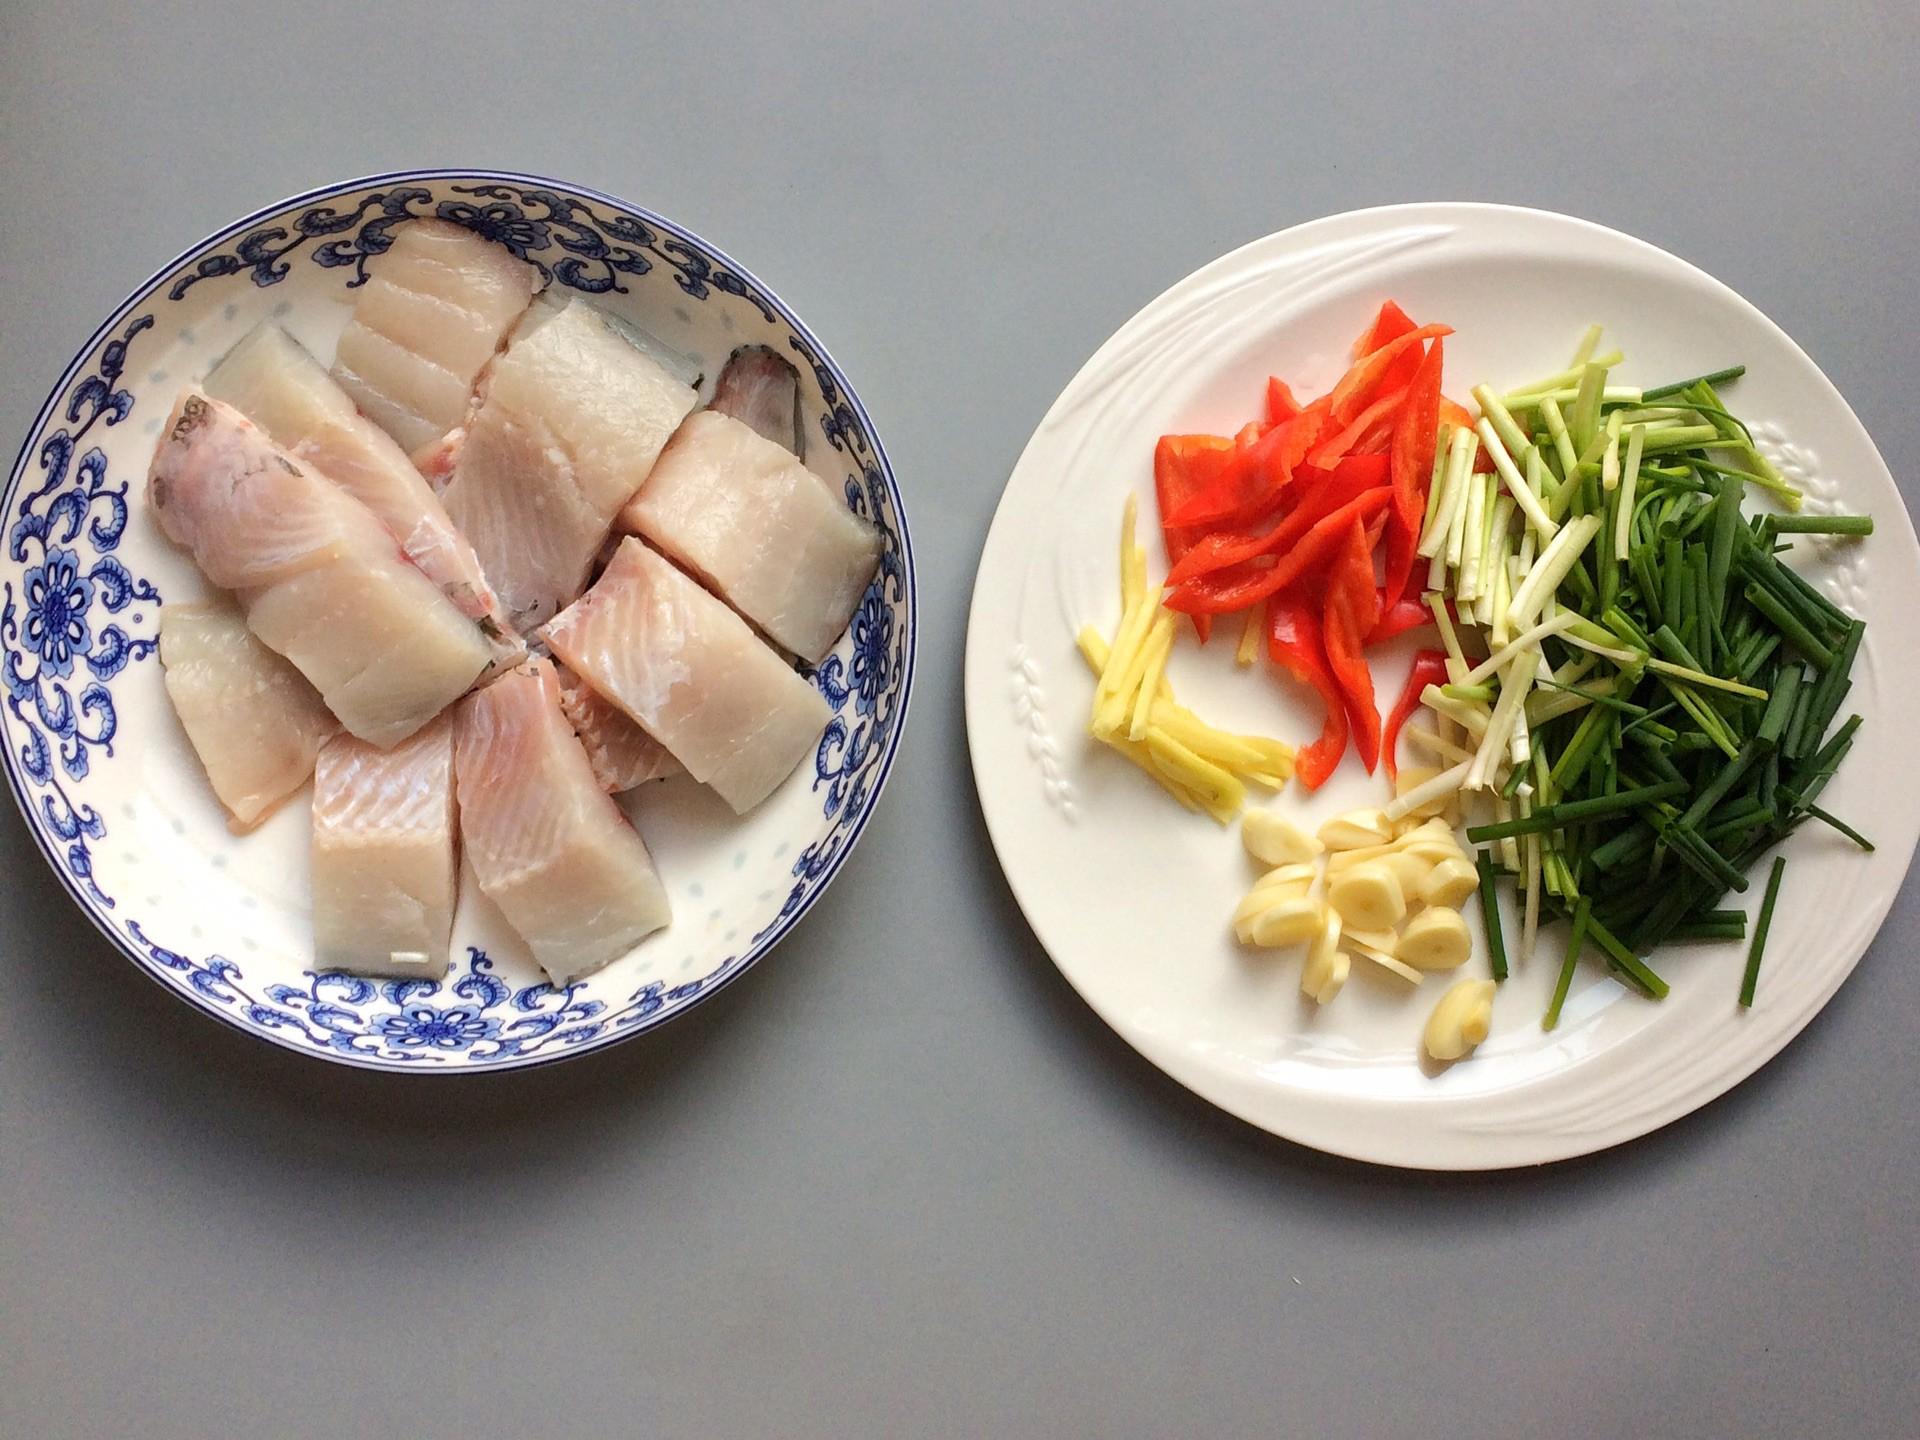 Cá chiên cay: Làm món nhậu ngon xuất sắc, ăn với cơm ngon bá cháy! - Ảnh 1